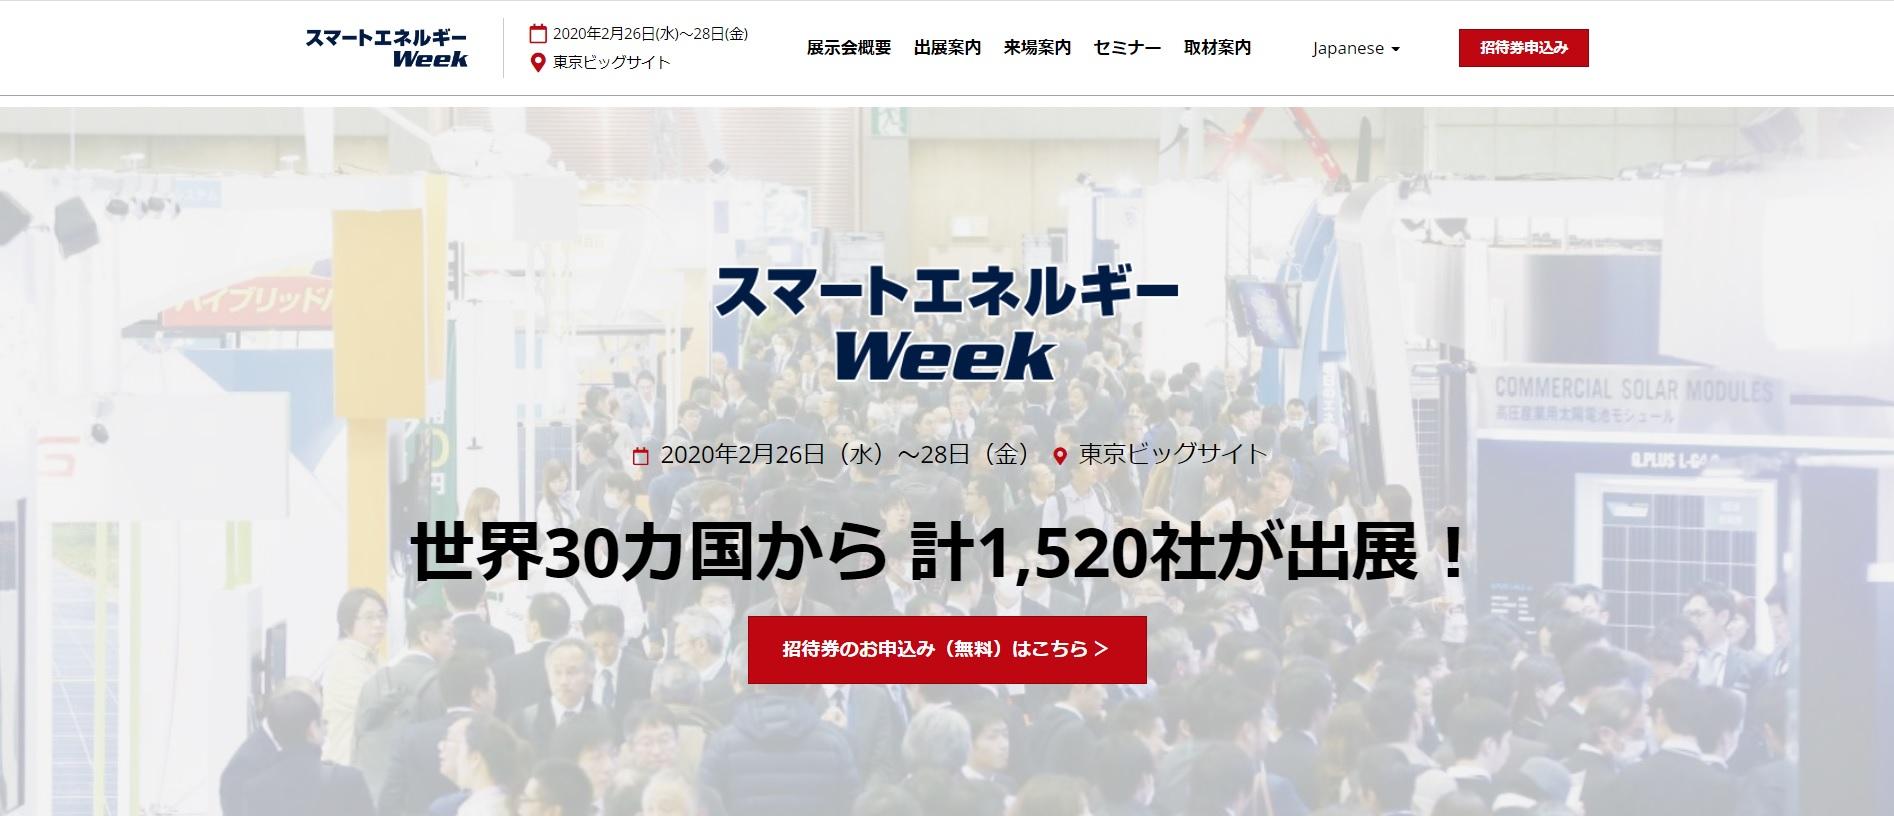 スマートエネルギーWEEK東京2020公式ページ画像